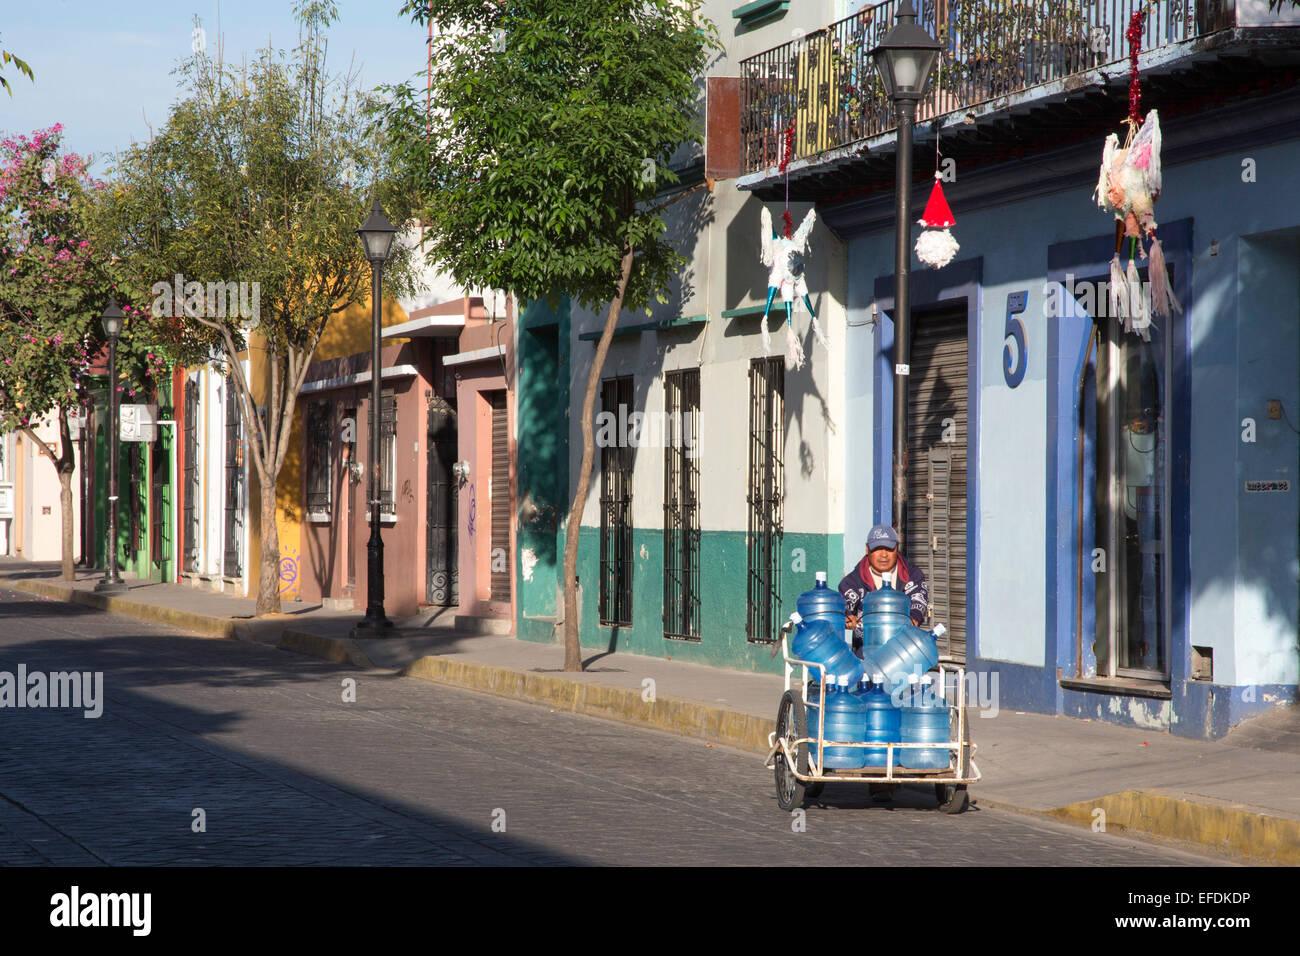 Oaxaca, México - un hombre ofrece agua embotellada con un carro de mano. Imagen De Stock